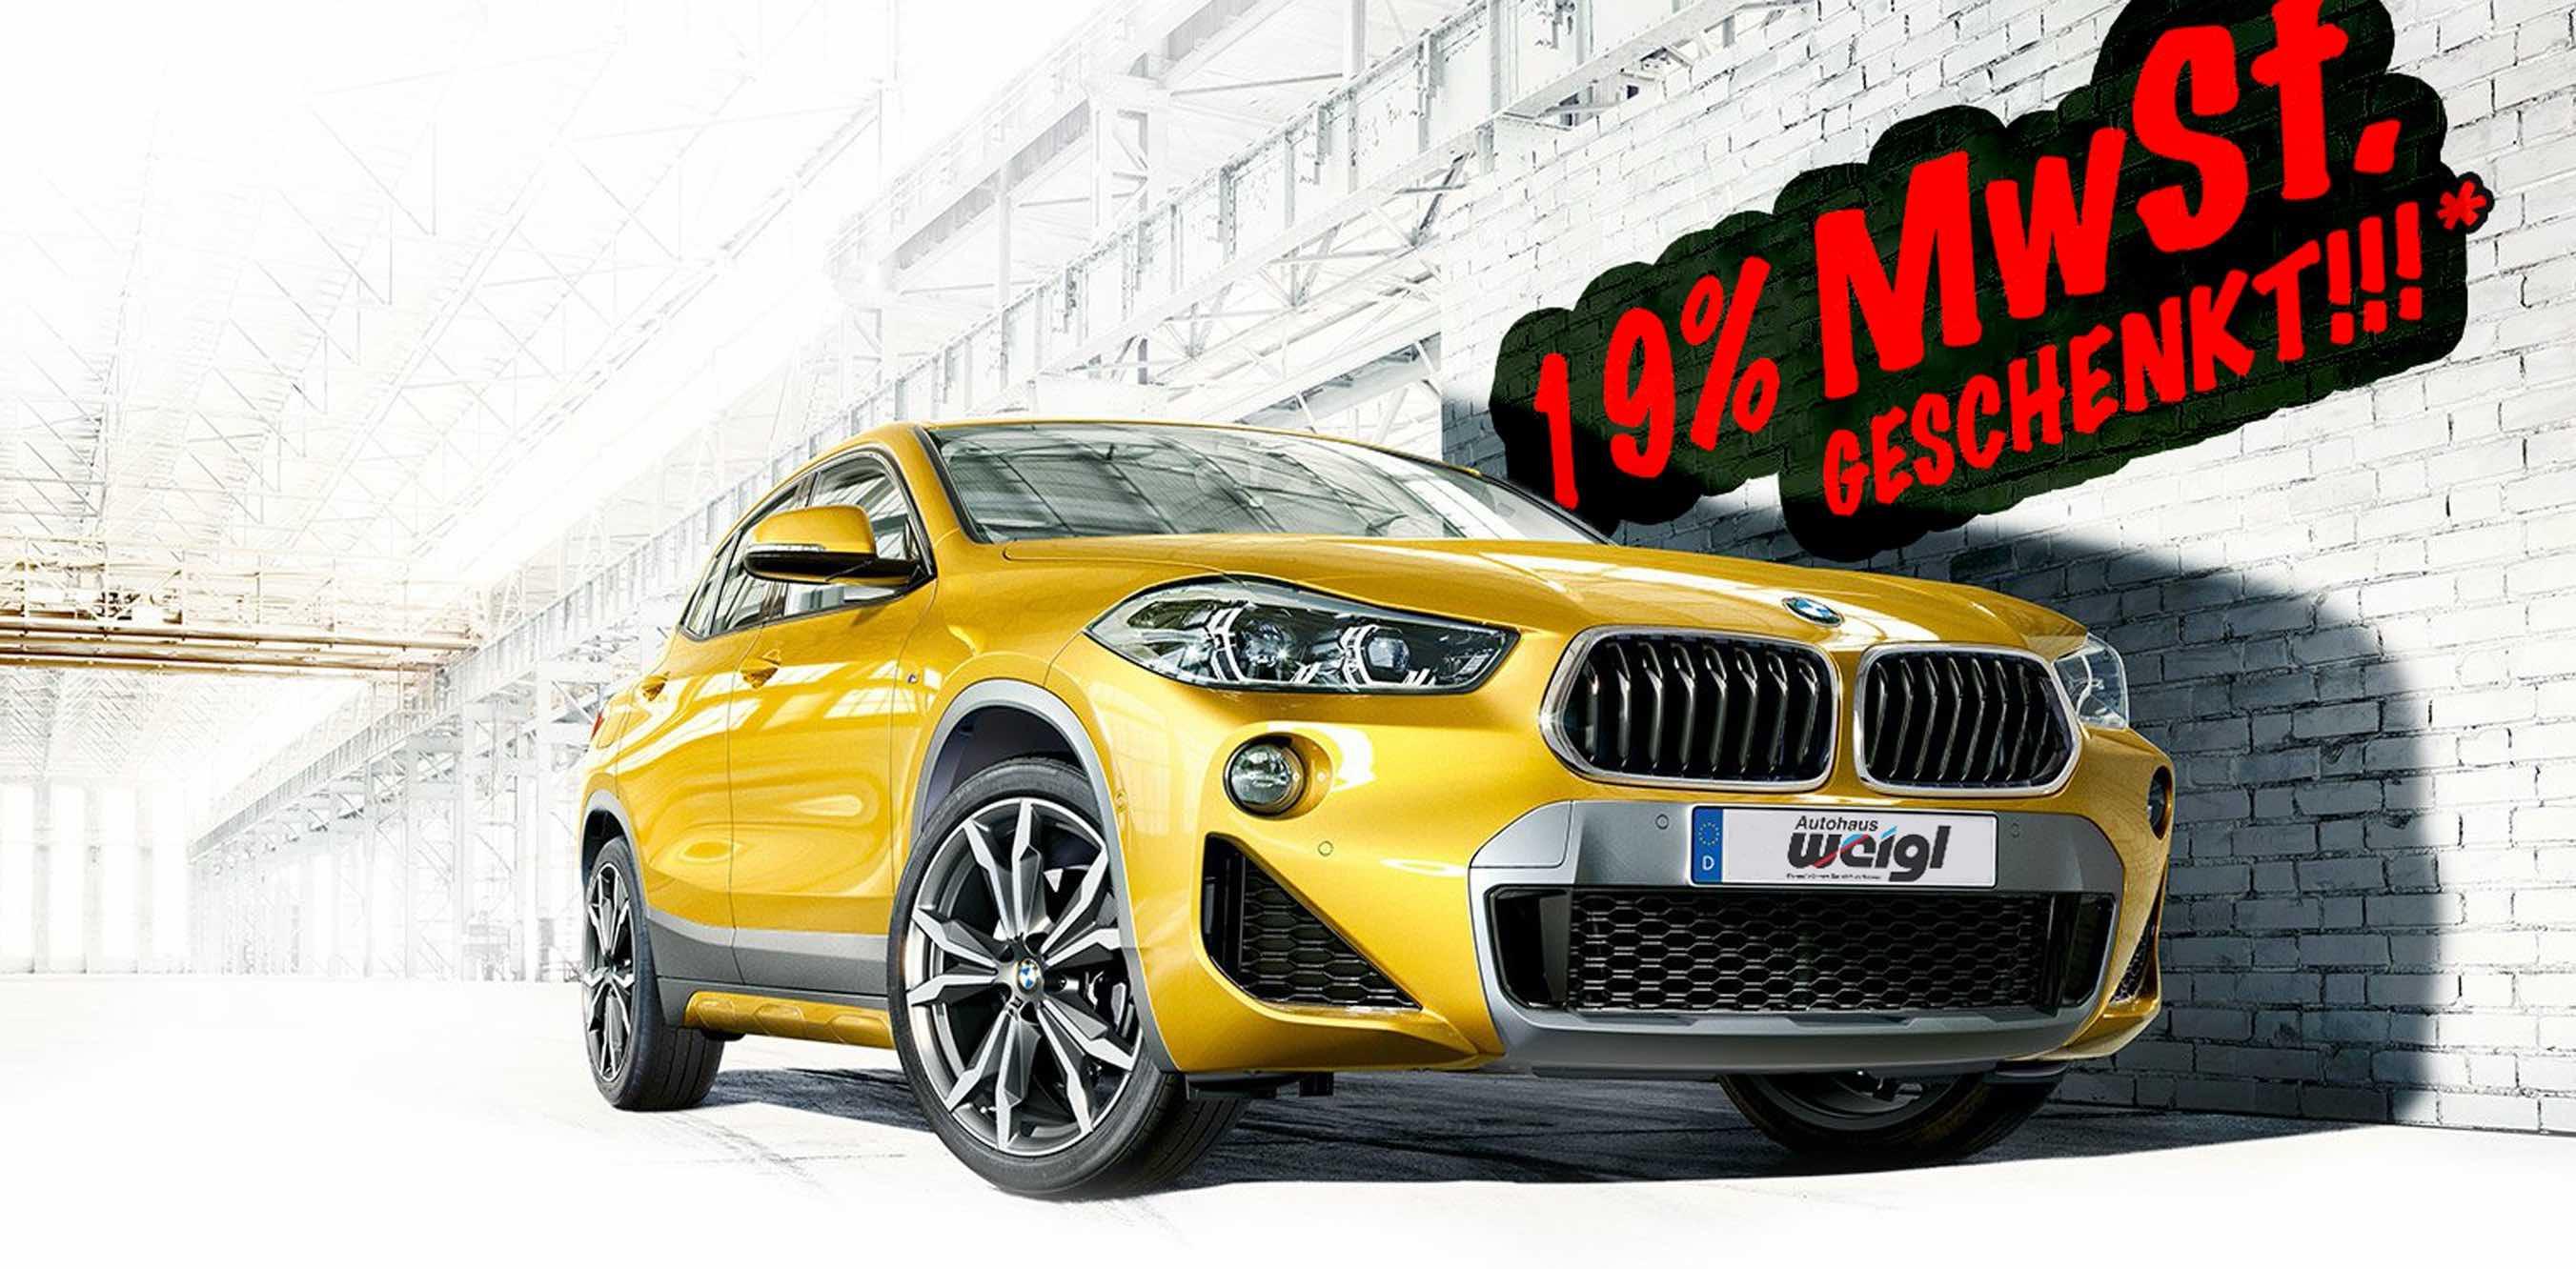 BMW_X2_19%